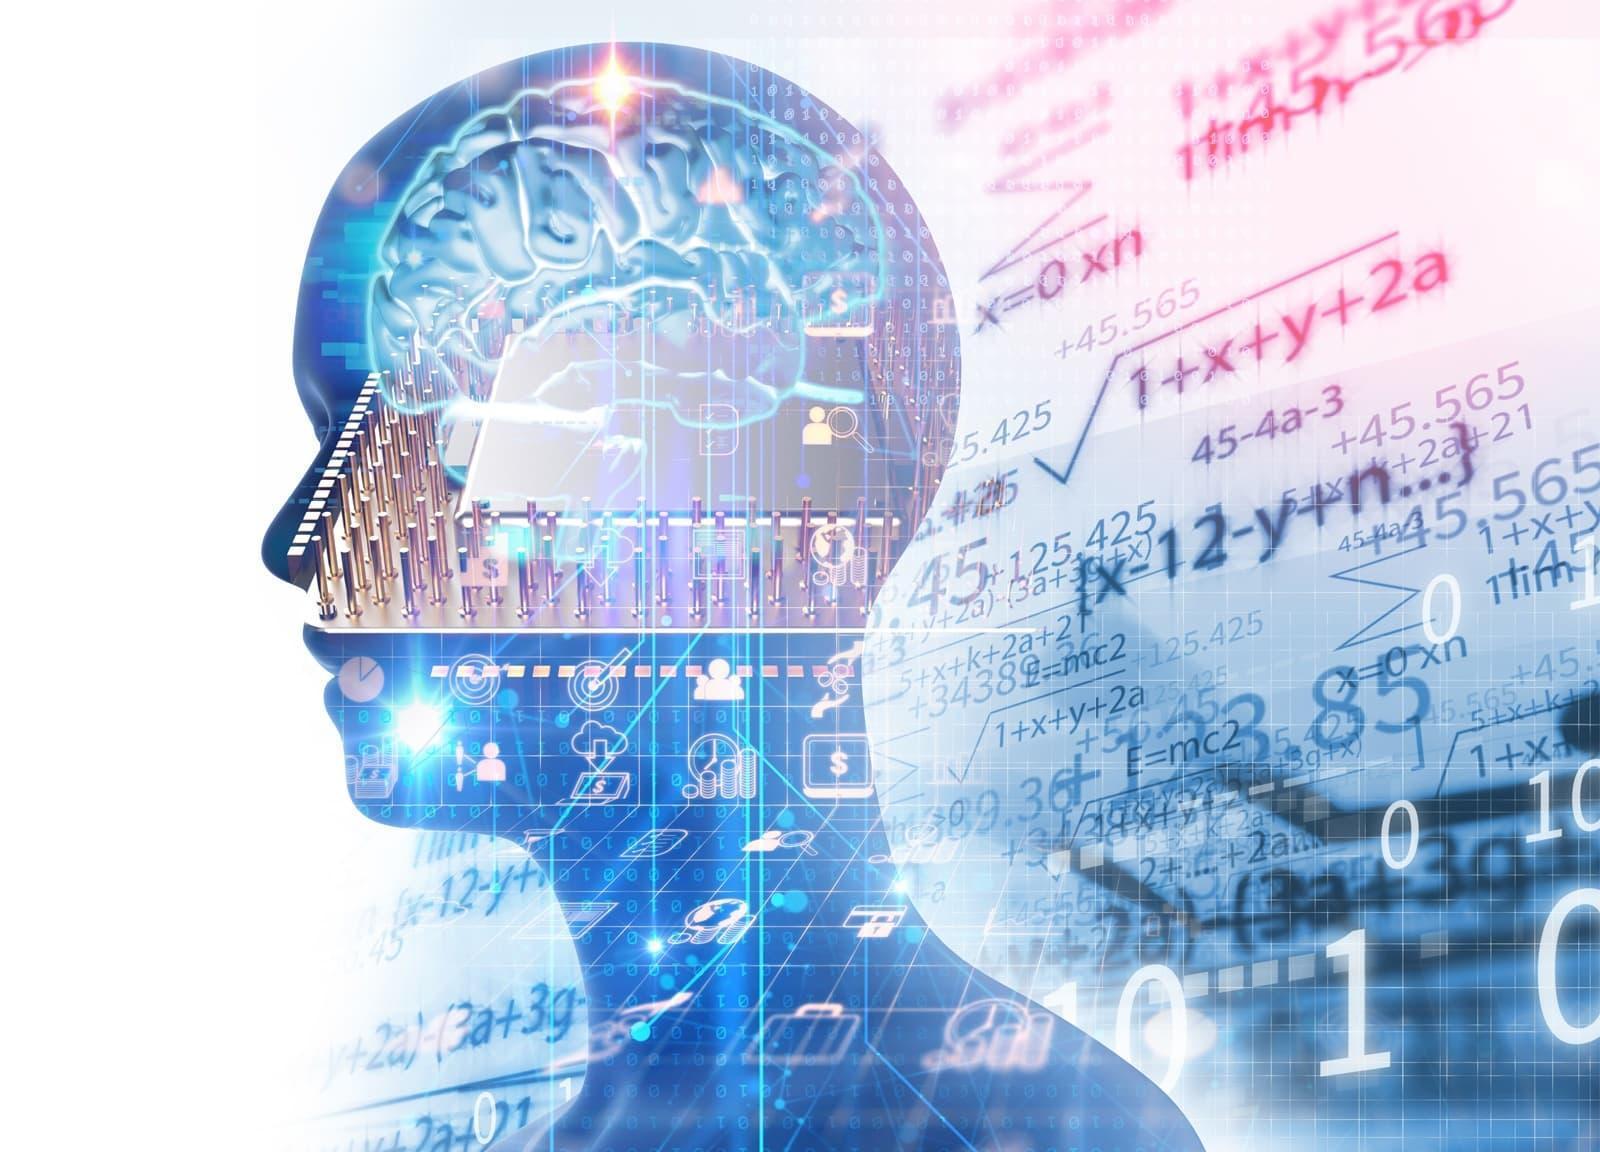 Inteligência artificial pode acabar com 40% dos empregos em 15 anos, diz investidor chinês